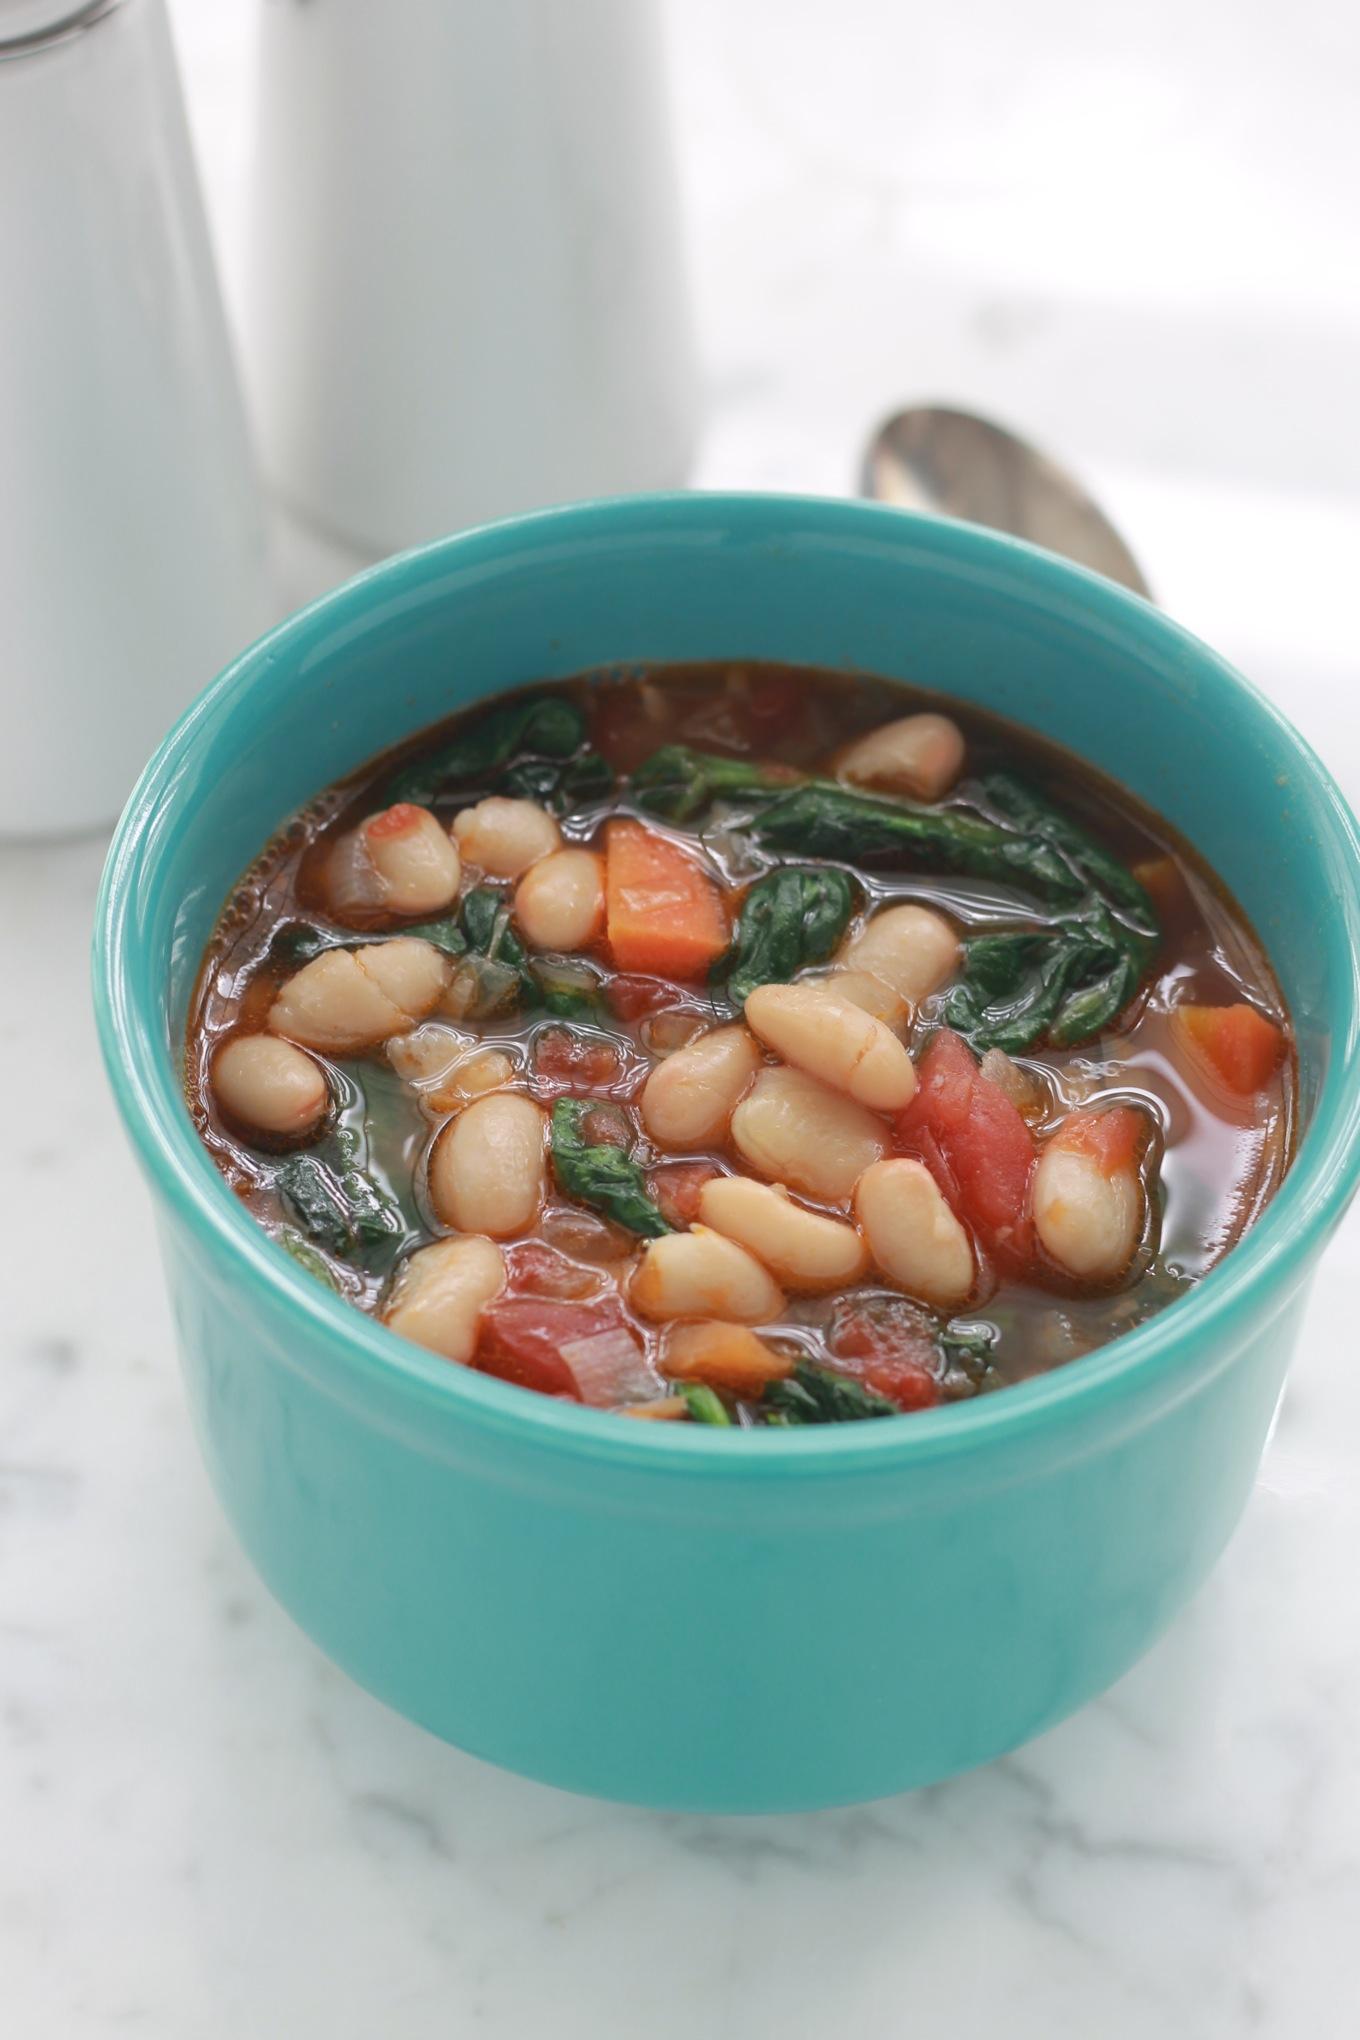 Cette soupe aux haricots blancs et épinards très facile, rapide et rassassiante. De plus, l'association haricots blancs et épinards est excellente pour la santé. / CuisineCulinaire.com